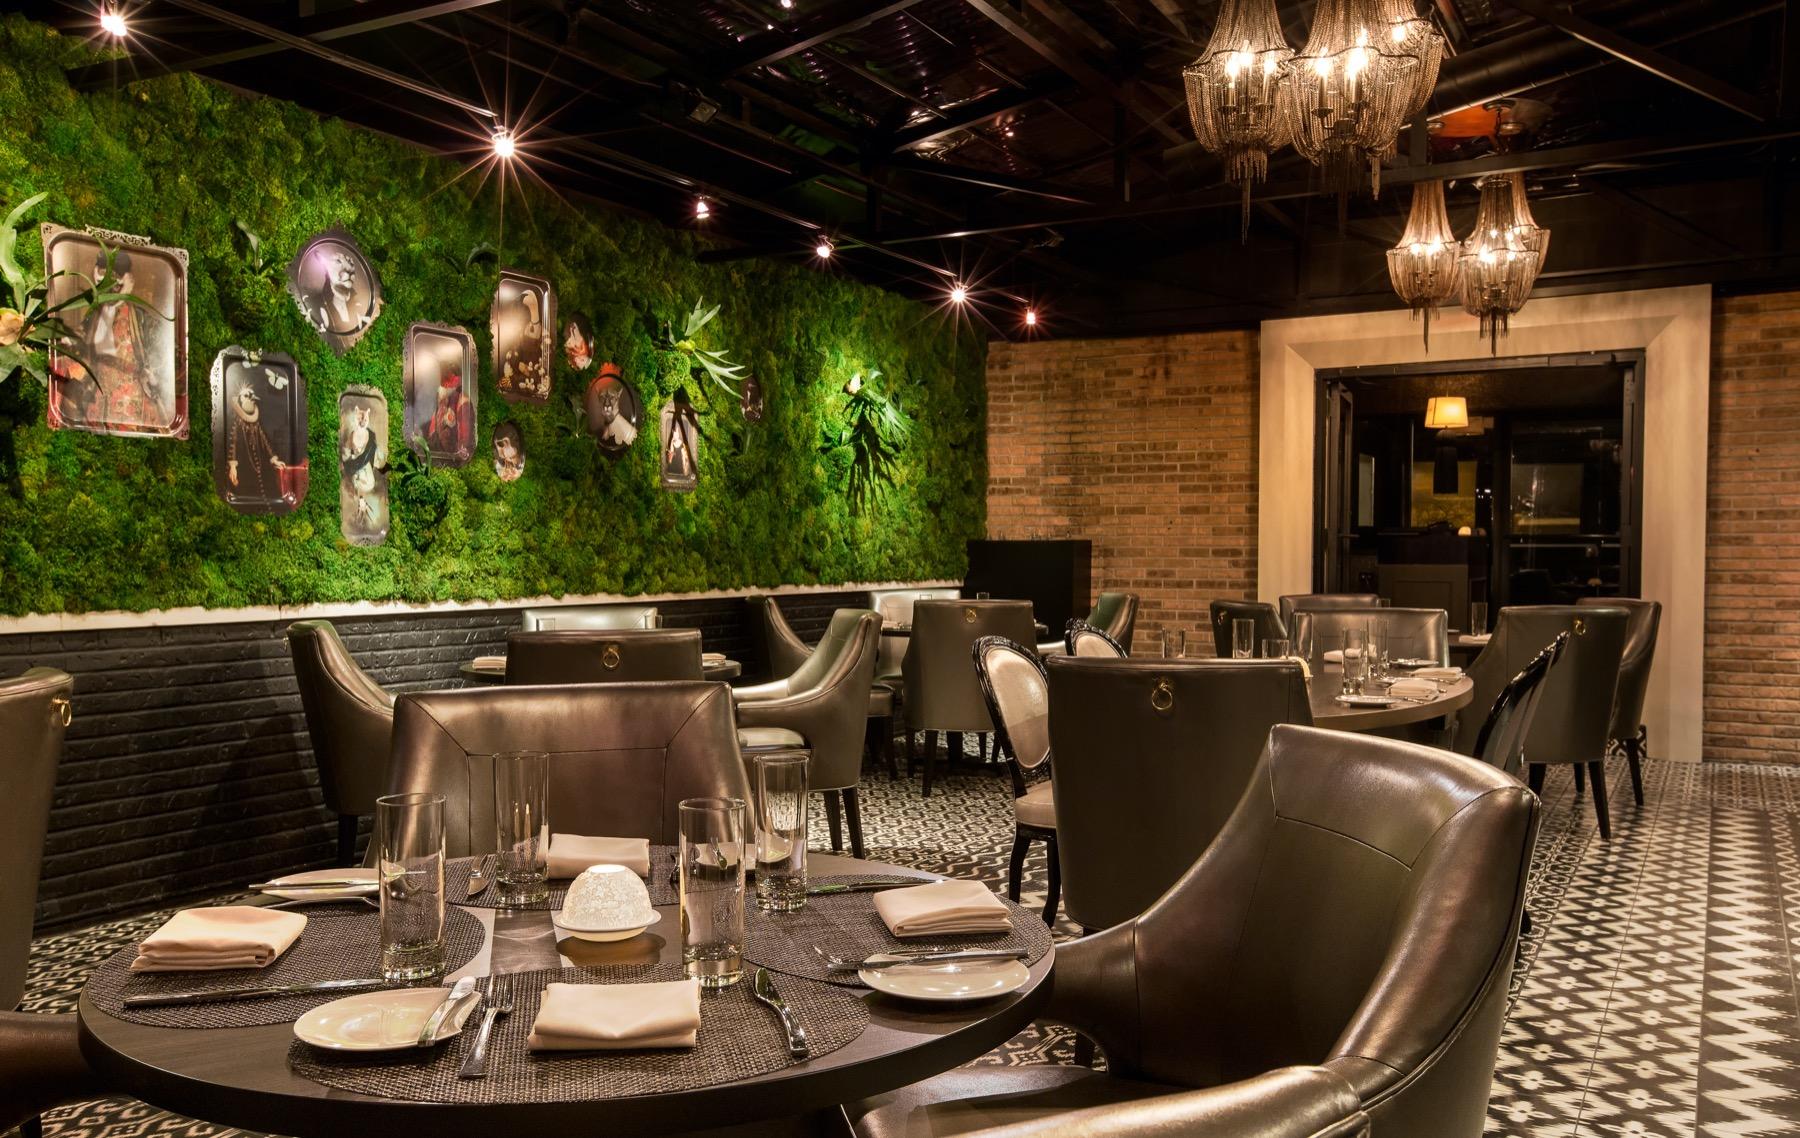 Inside BOKA restaurant